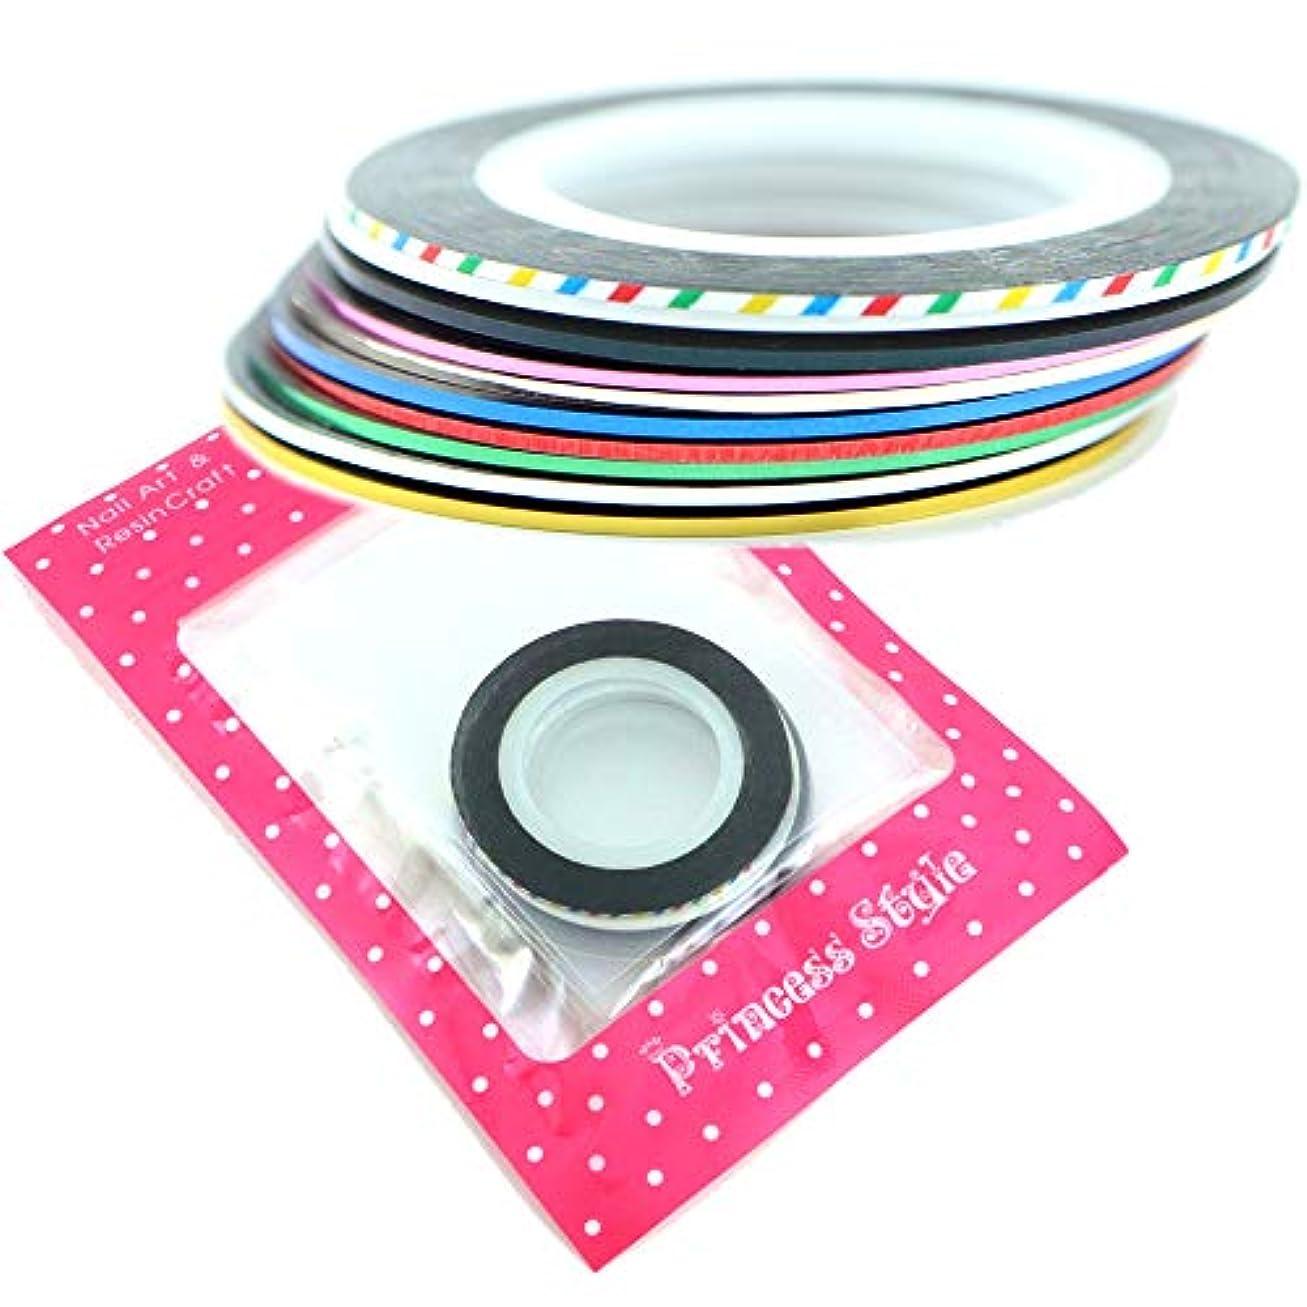 鎮痛剤アロング興奮ネイル ラインテープ ネイルシール ジェルネイル ネイルアート用 1mm幅×20m巻 (新10色セット)